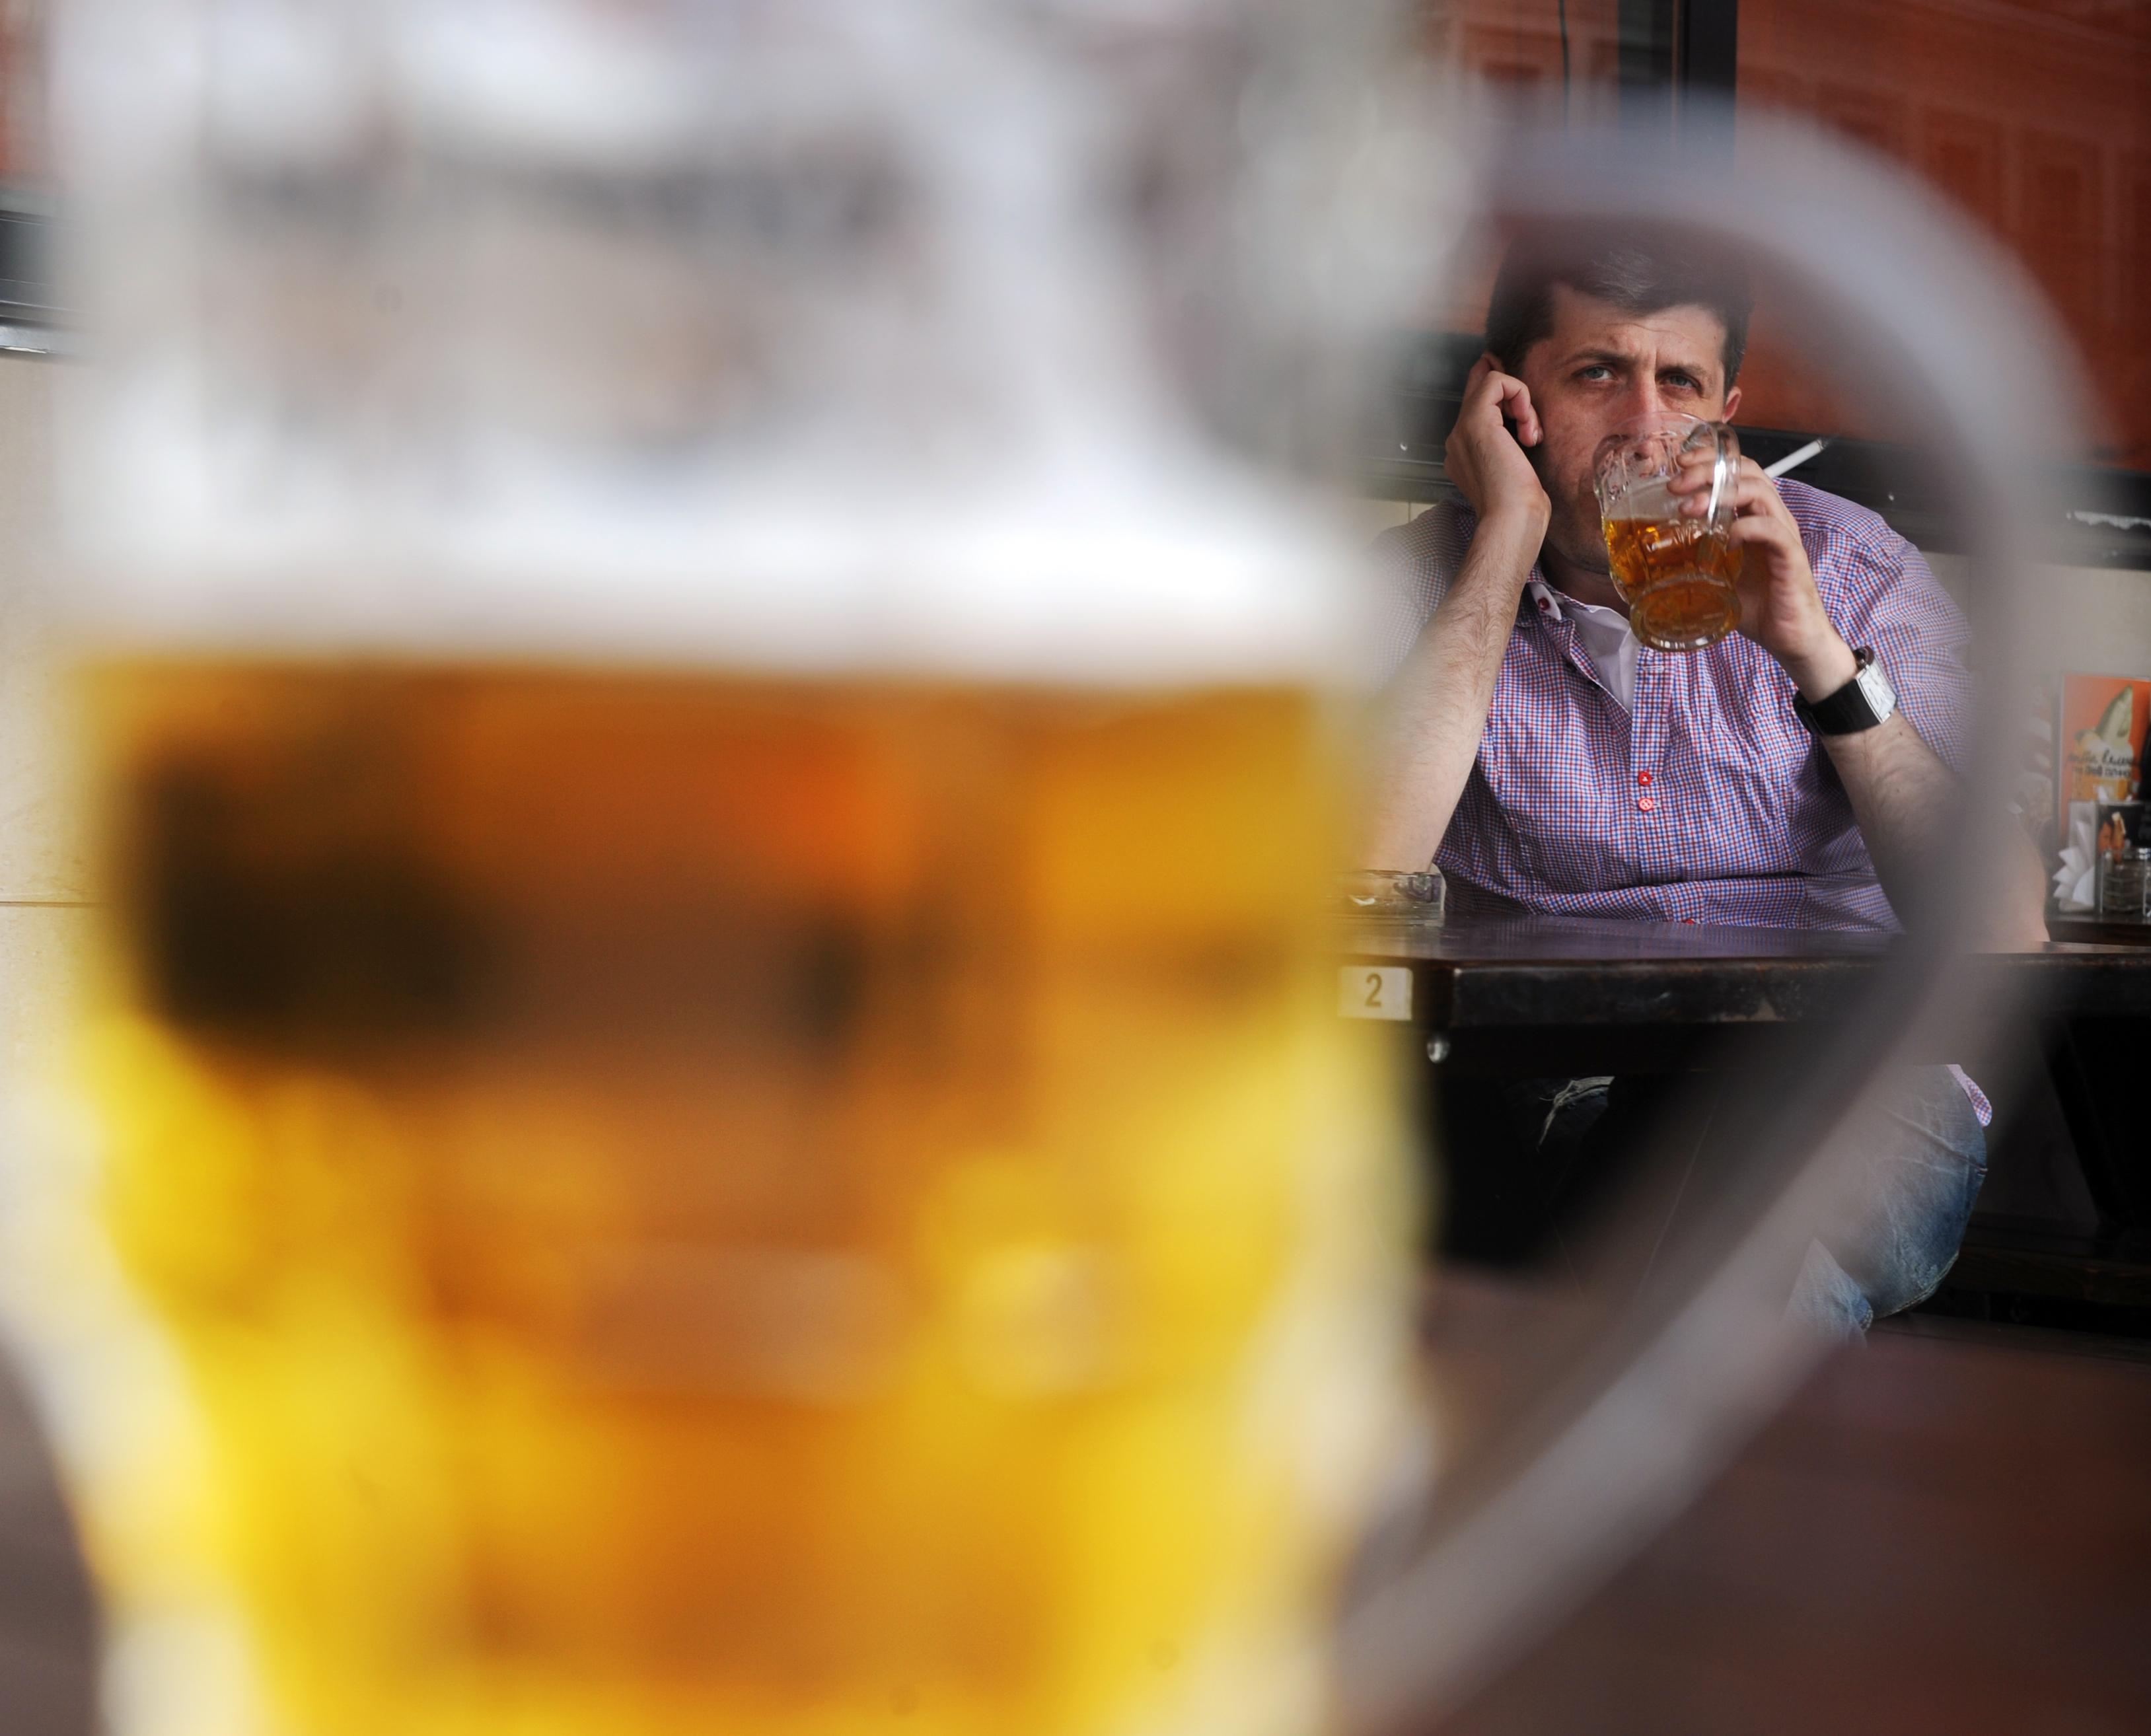 Una imagen tomada el 26 de agosto de 2011 muestra a un hombre sentado detrás de un vaso de cerveza en un bar al aire libre de Moscú? S. Con un plumazo presidencial, la cerveza fue reclasificada recientemente como una bebida alcohólica en Rusia, ya no un alimento, y sus ventas han de limitarse a reducir el abuso del alcohol. Pero a partir de enero 2013 una nueva ley de licencia firmada por el presidente Dmitry Medvedev, prohibirá la venta de cerveza 11 p.m.-08 a.m. excepto en bares y cafeterías (Photo credit should read DMITRI KOSTYUKOV / AFP / Getty Images)